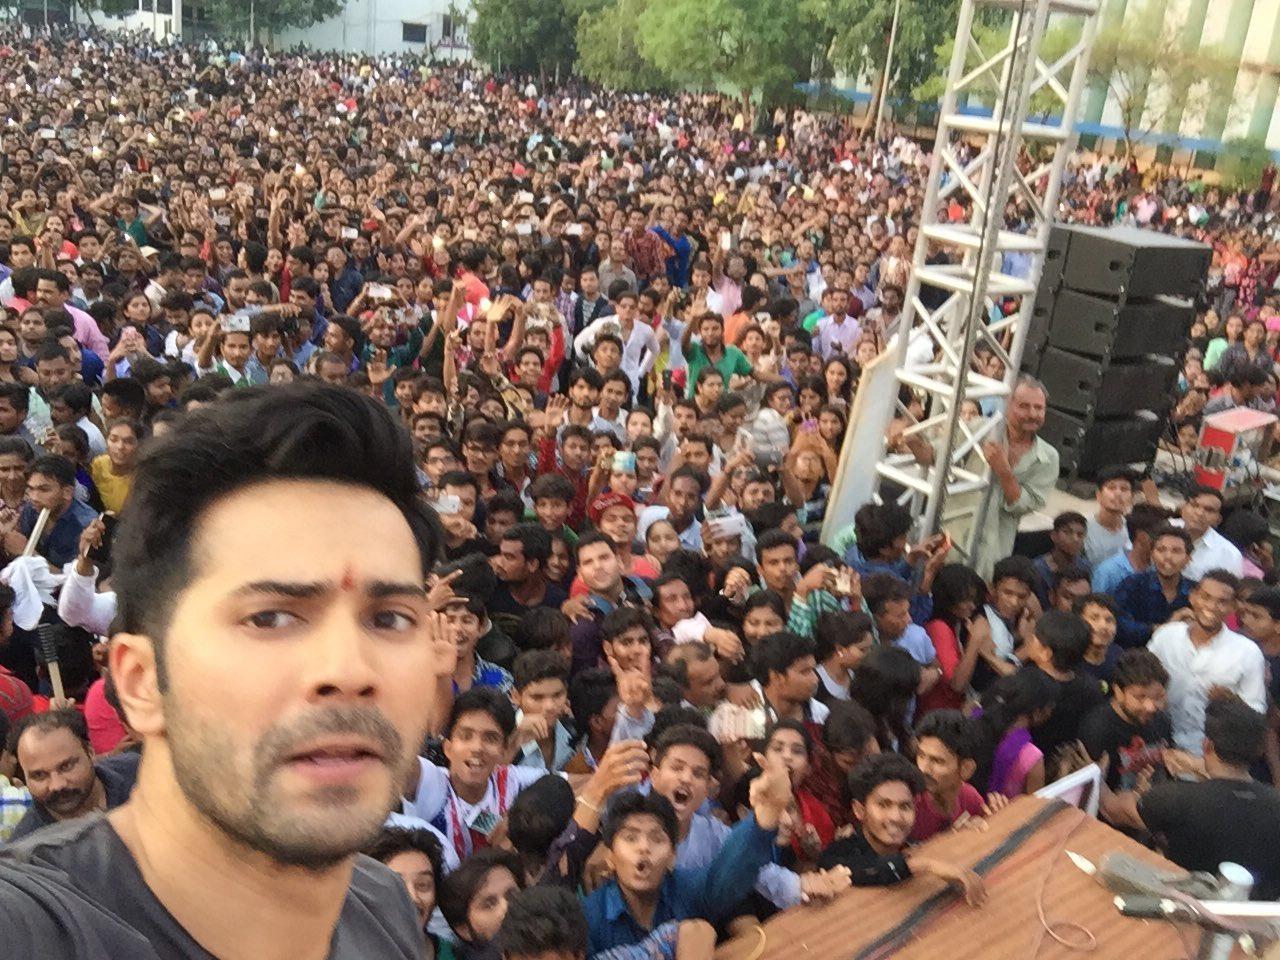 Varun Dhawan selfie with Fans